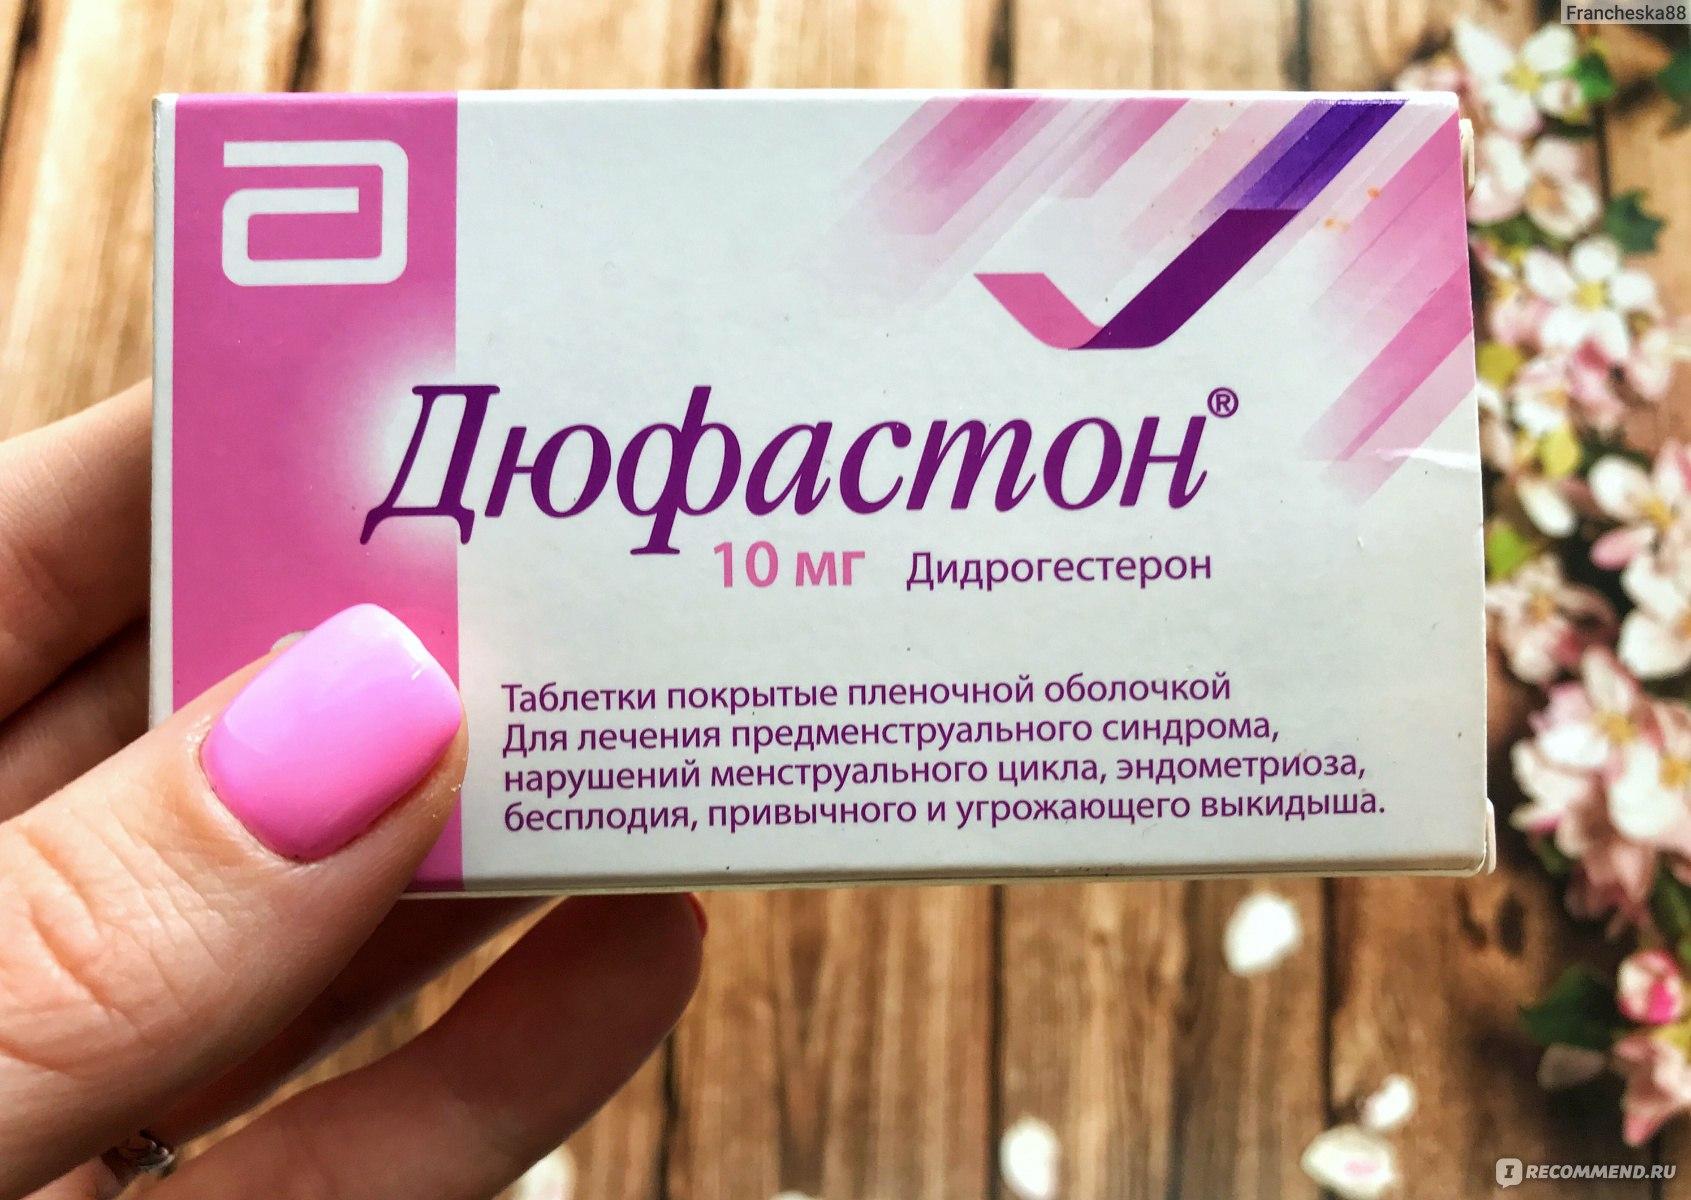 Ременс при нарушении цикла, гормонального фона у женщин. инструкция применения, отзывы